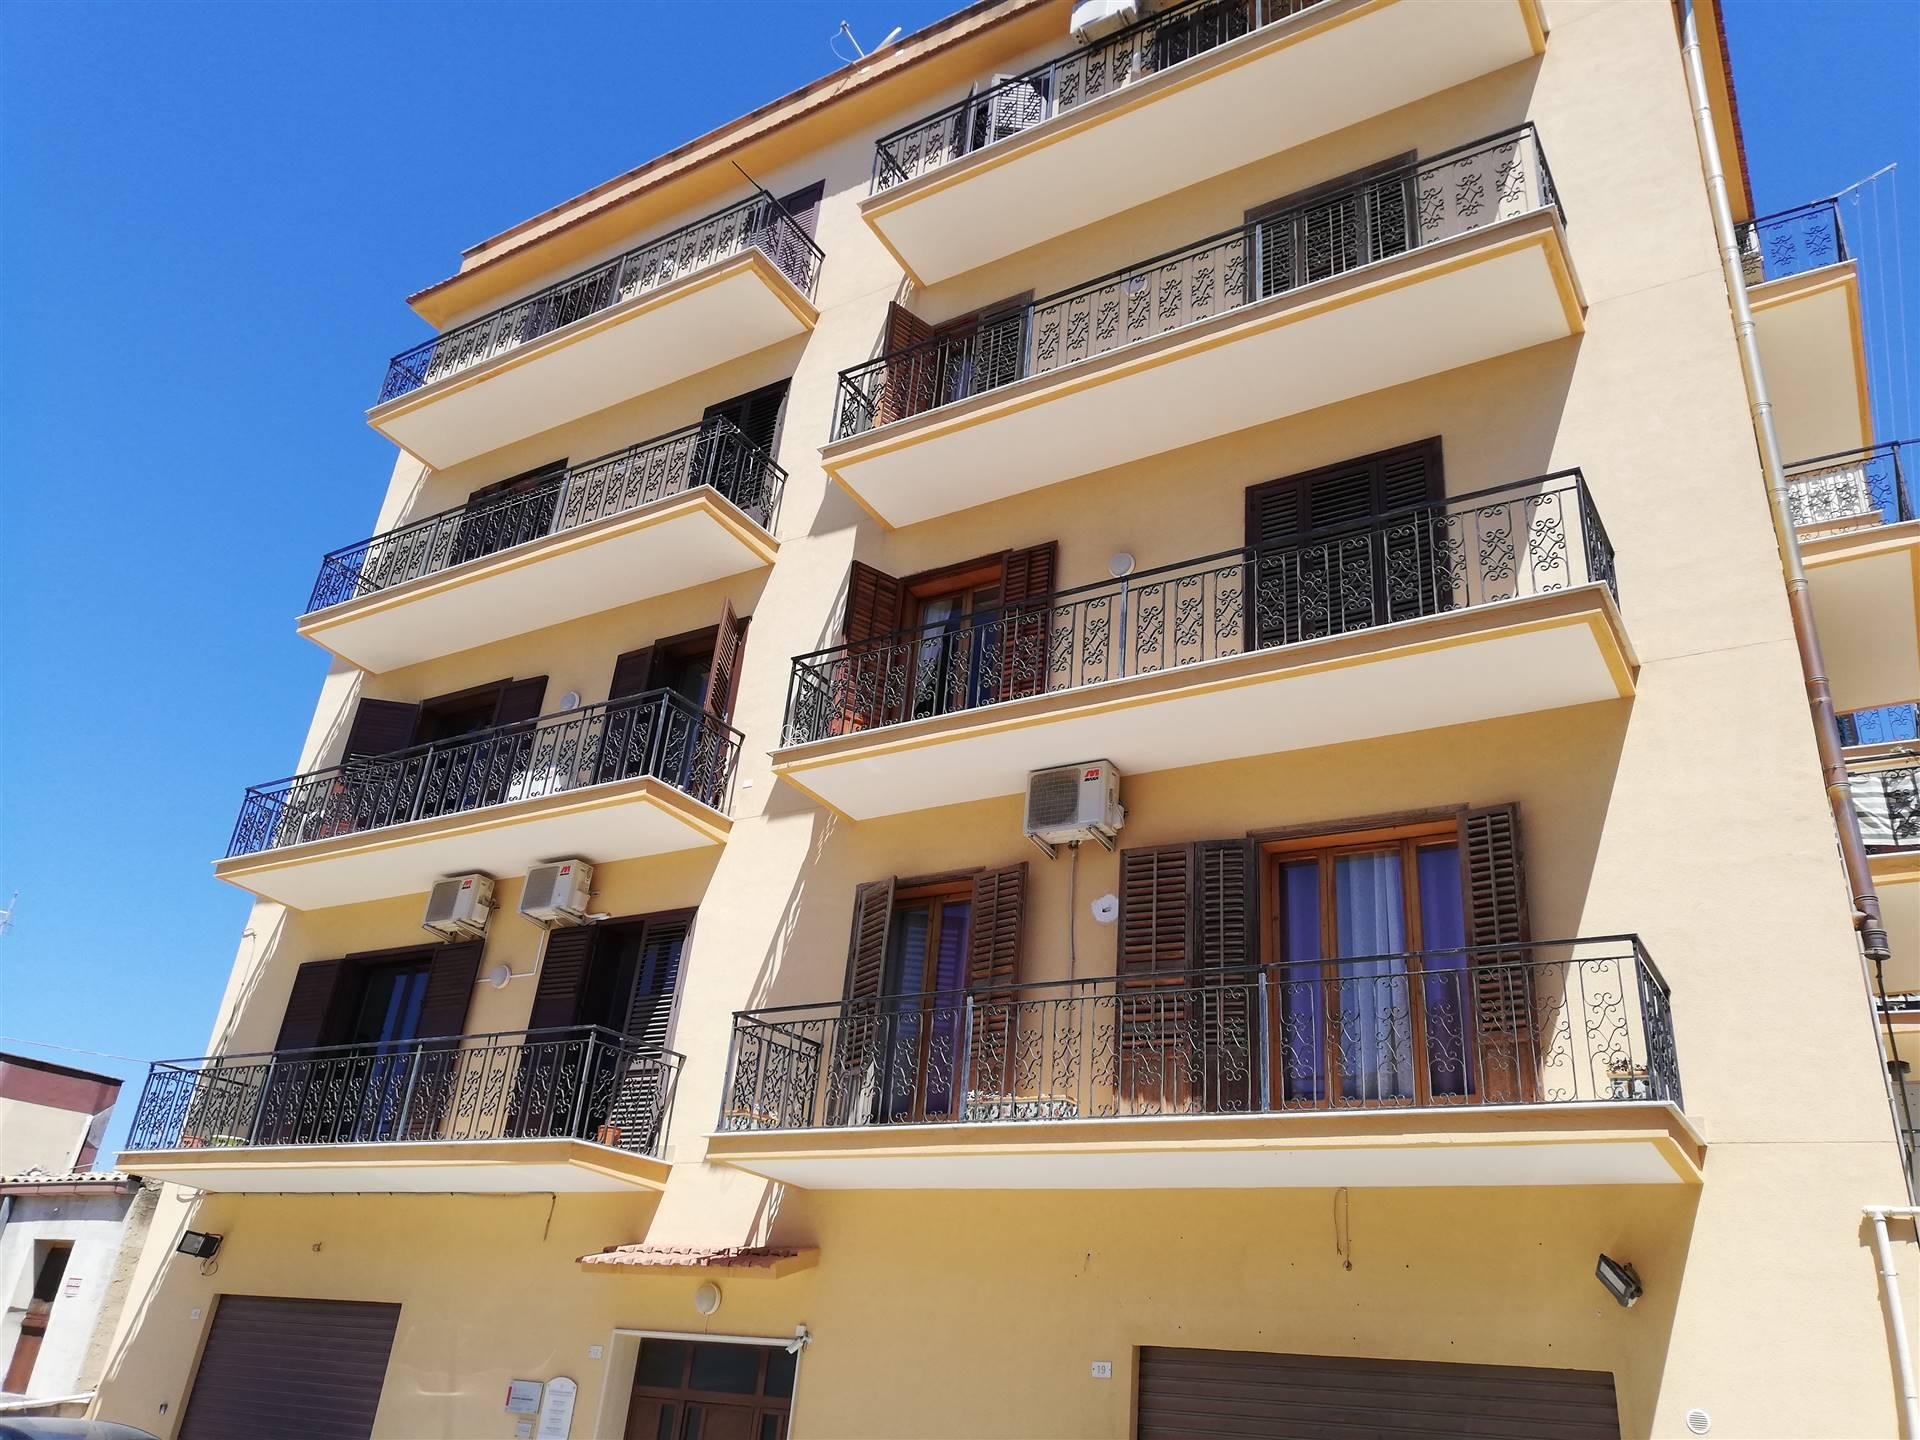 Nella località denominata C.da Isabella , proponiamo la vendita in esclusiva , di un appartamento facente parte di un piccolo condominio , con posto